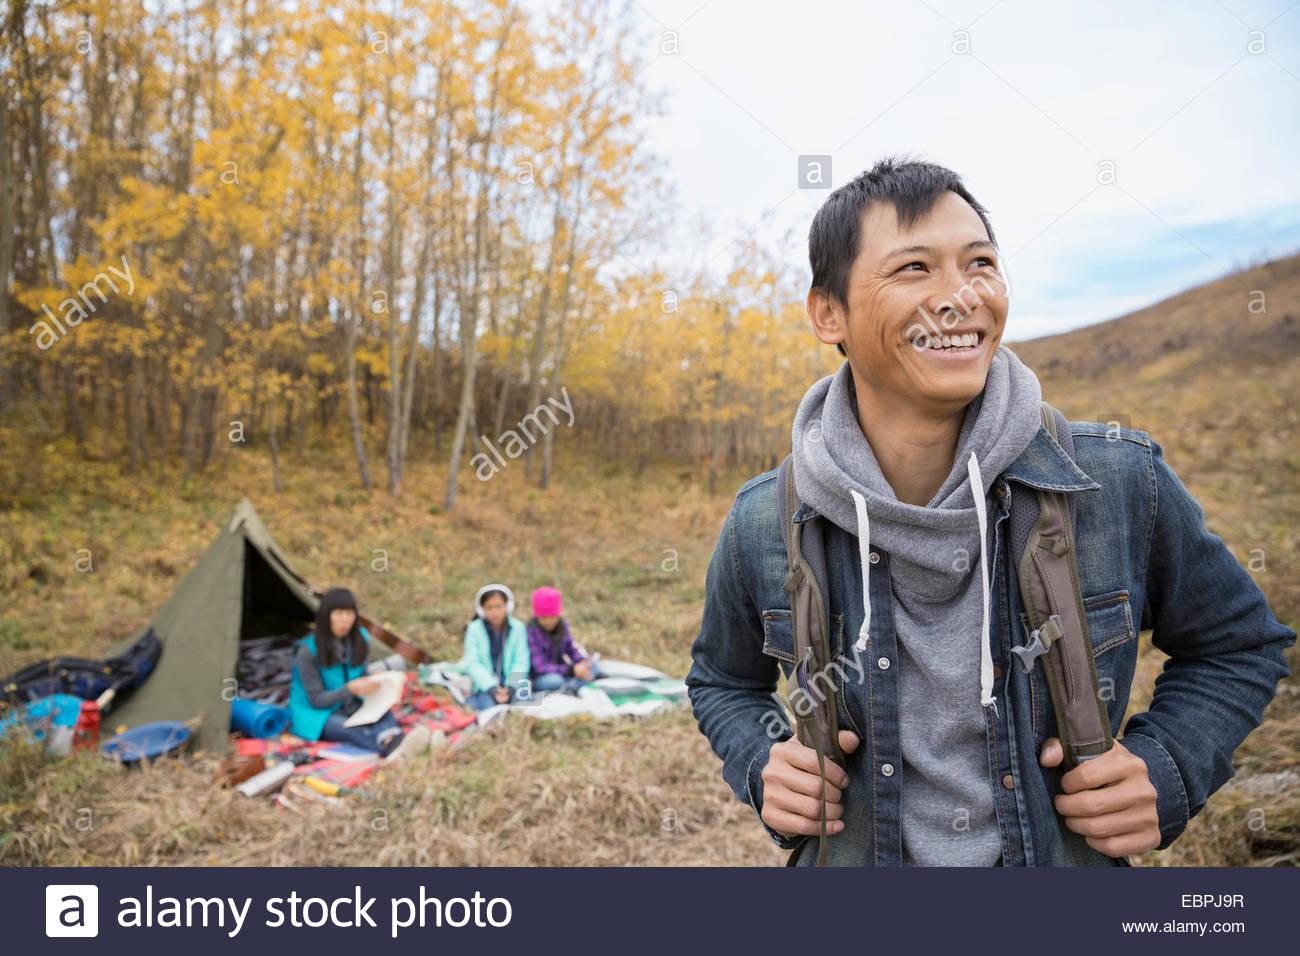 Smiling man camping en famille Banque D'Images